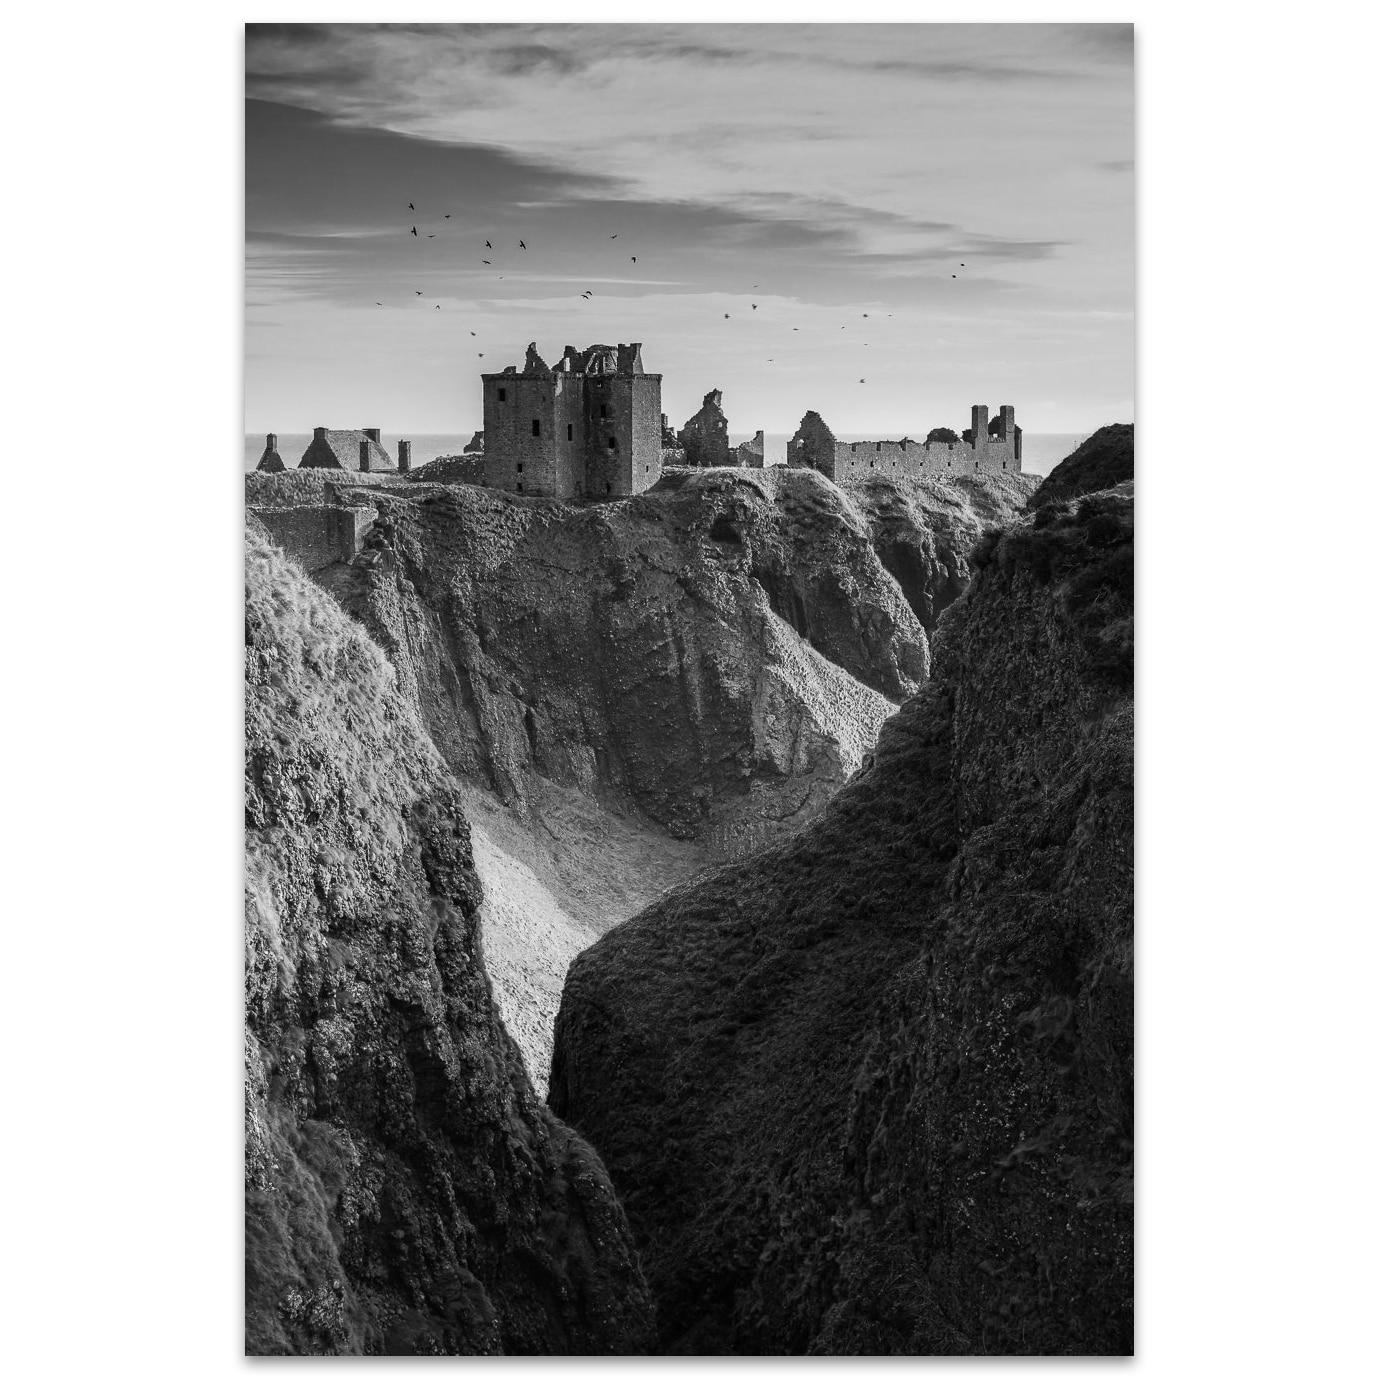 Les Oiseaux au-dessus du château de Dunnottar en Écosse